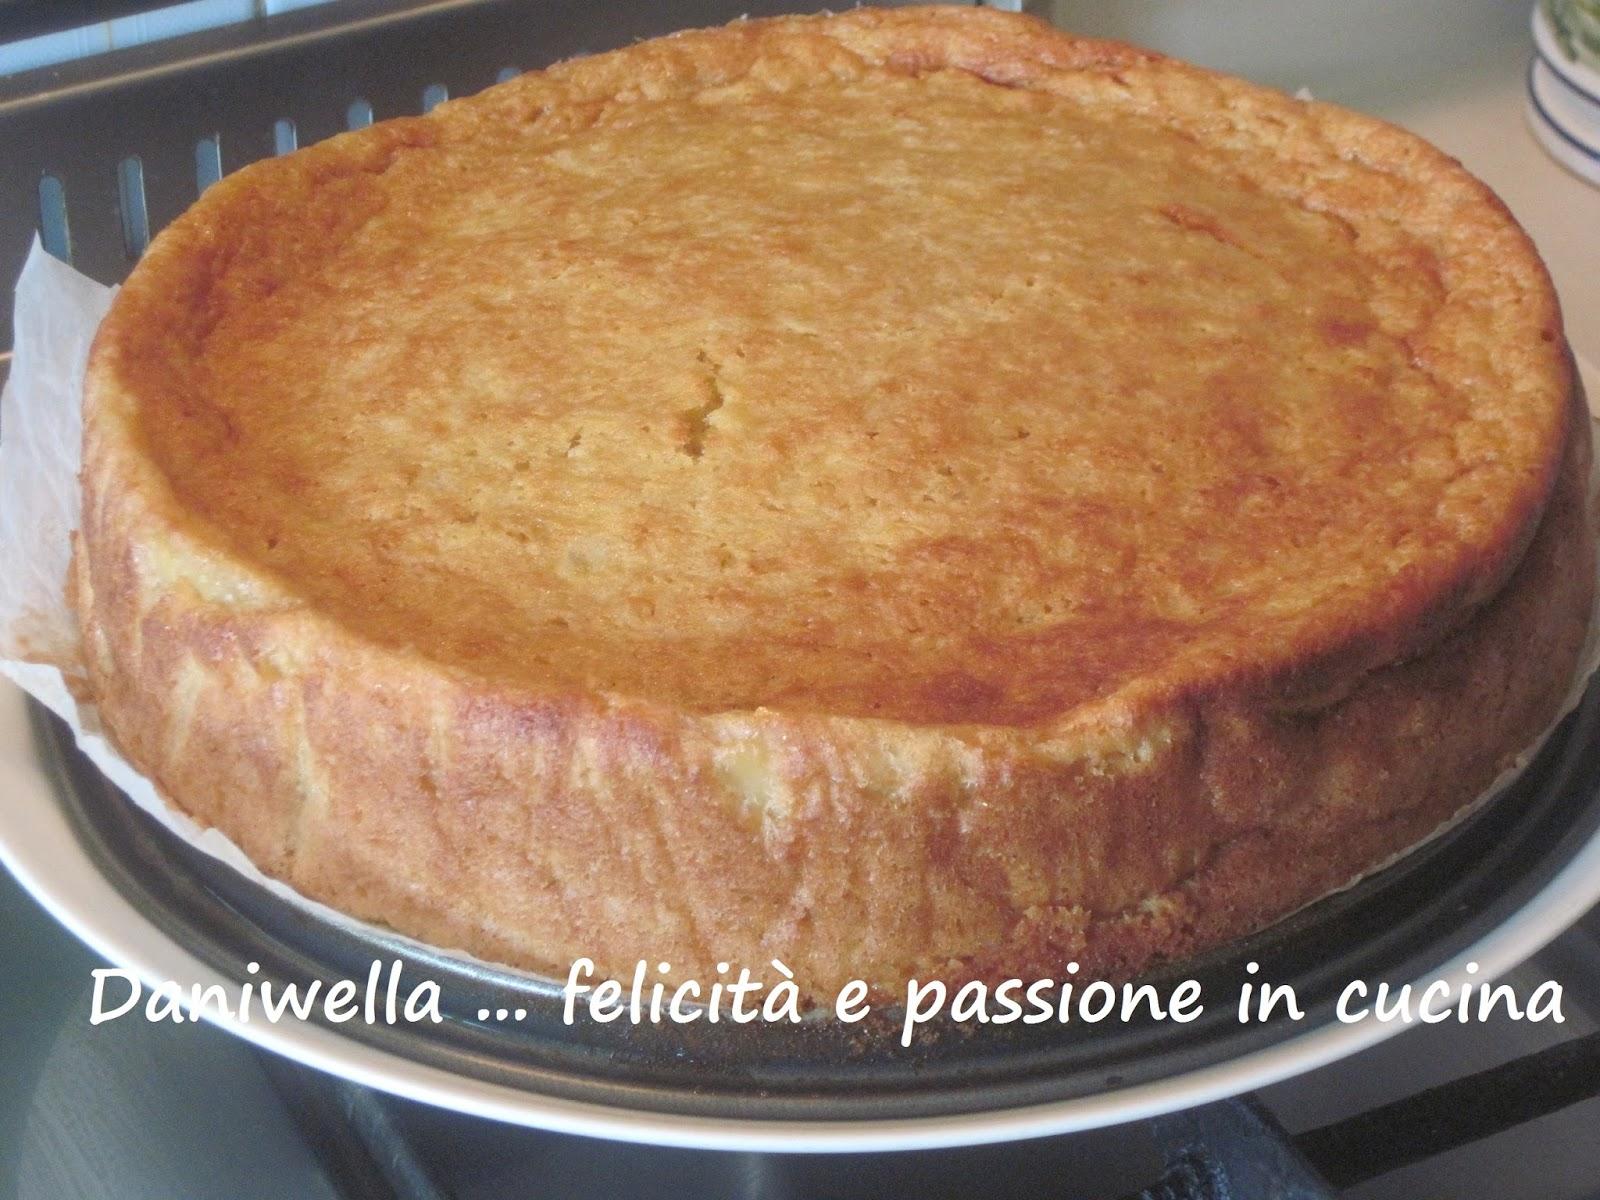 Torta Di Mele Al Cucchiaio Ricetta N 202 Daniwella Felicità E